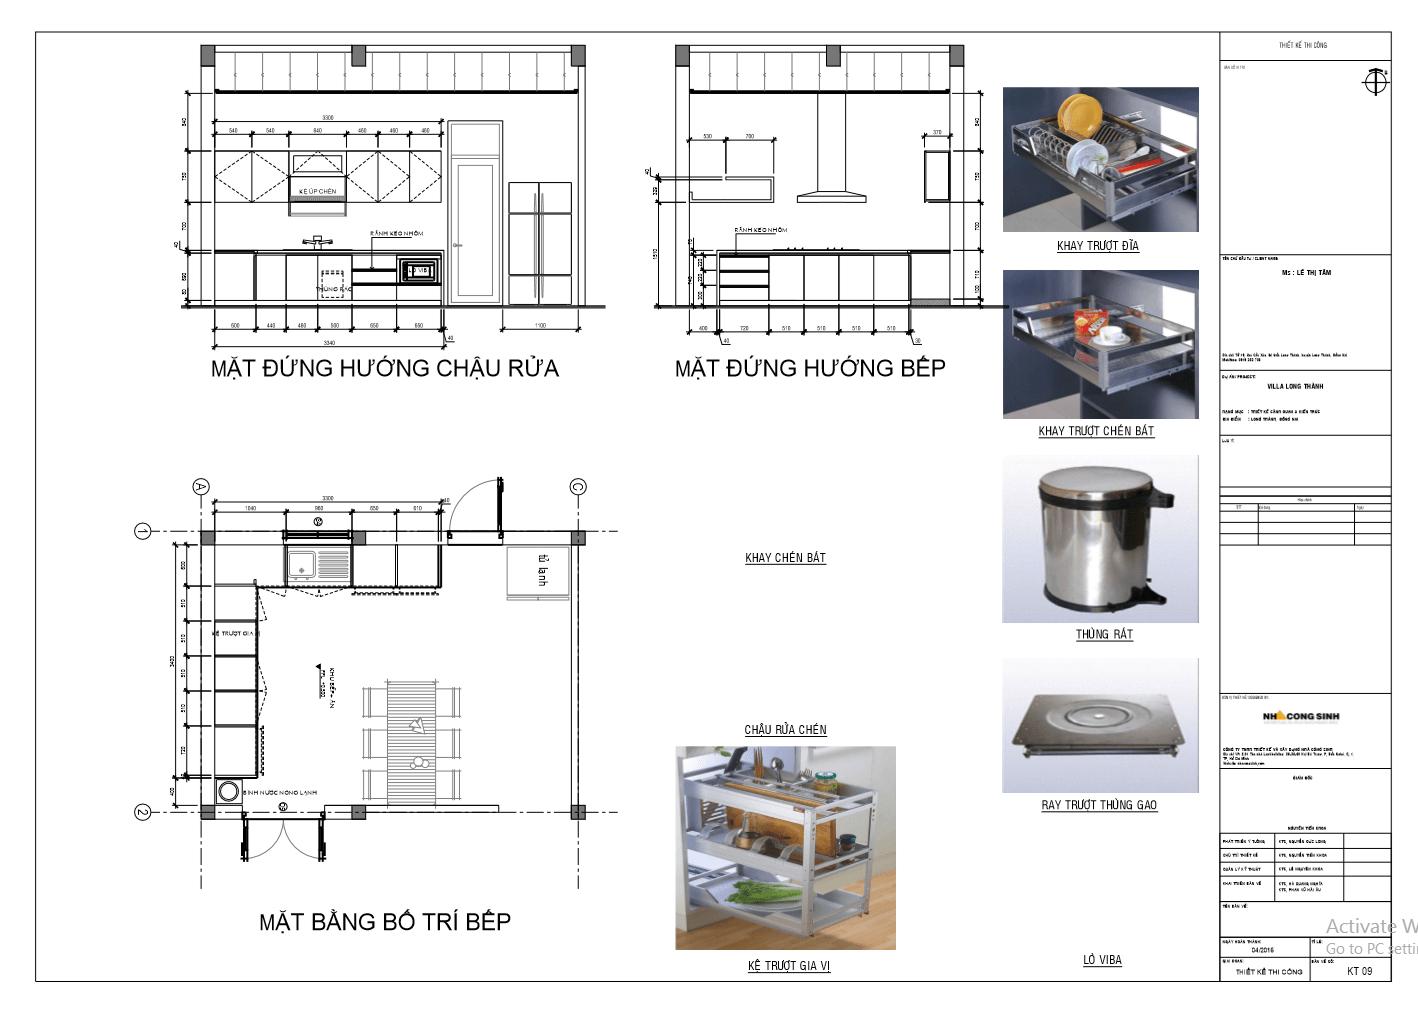 Bản vẻ chi tiết tủ bếp acrylic cao cấp